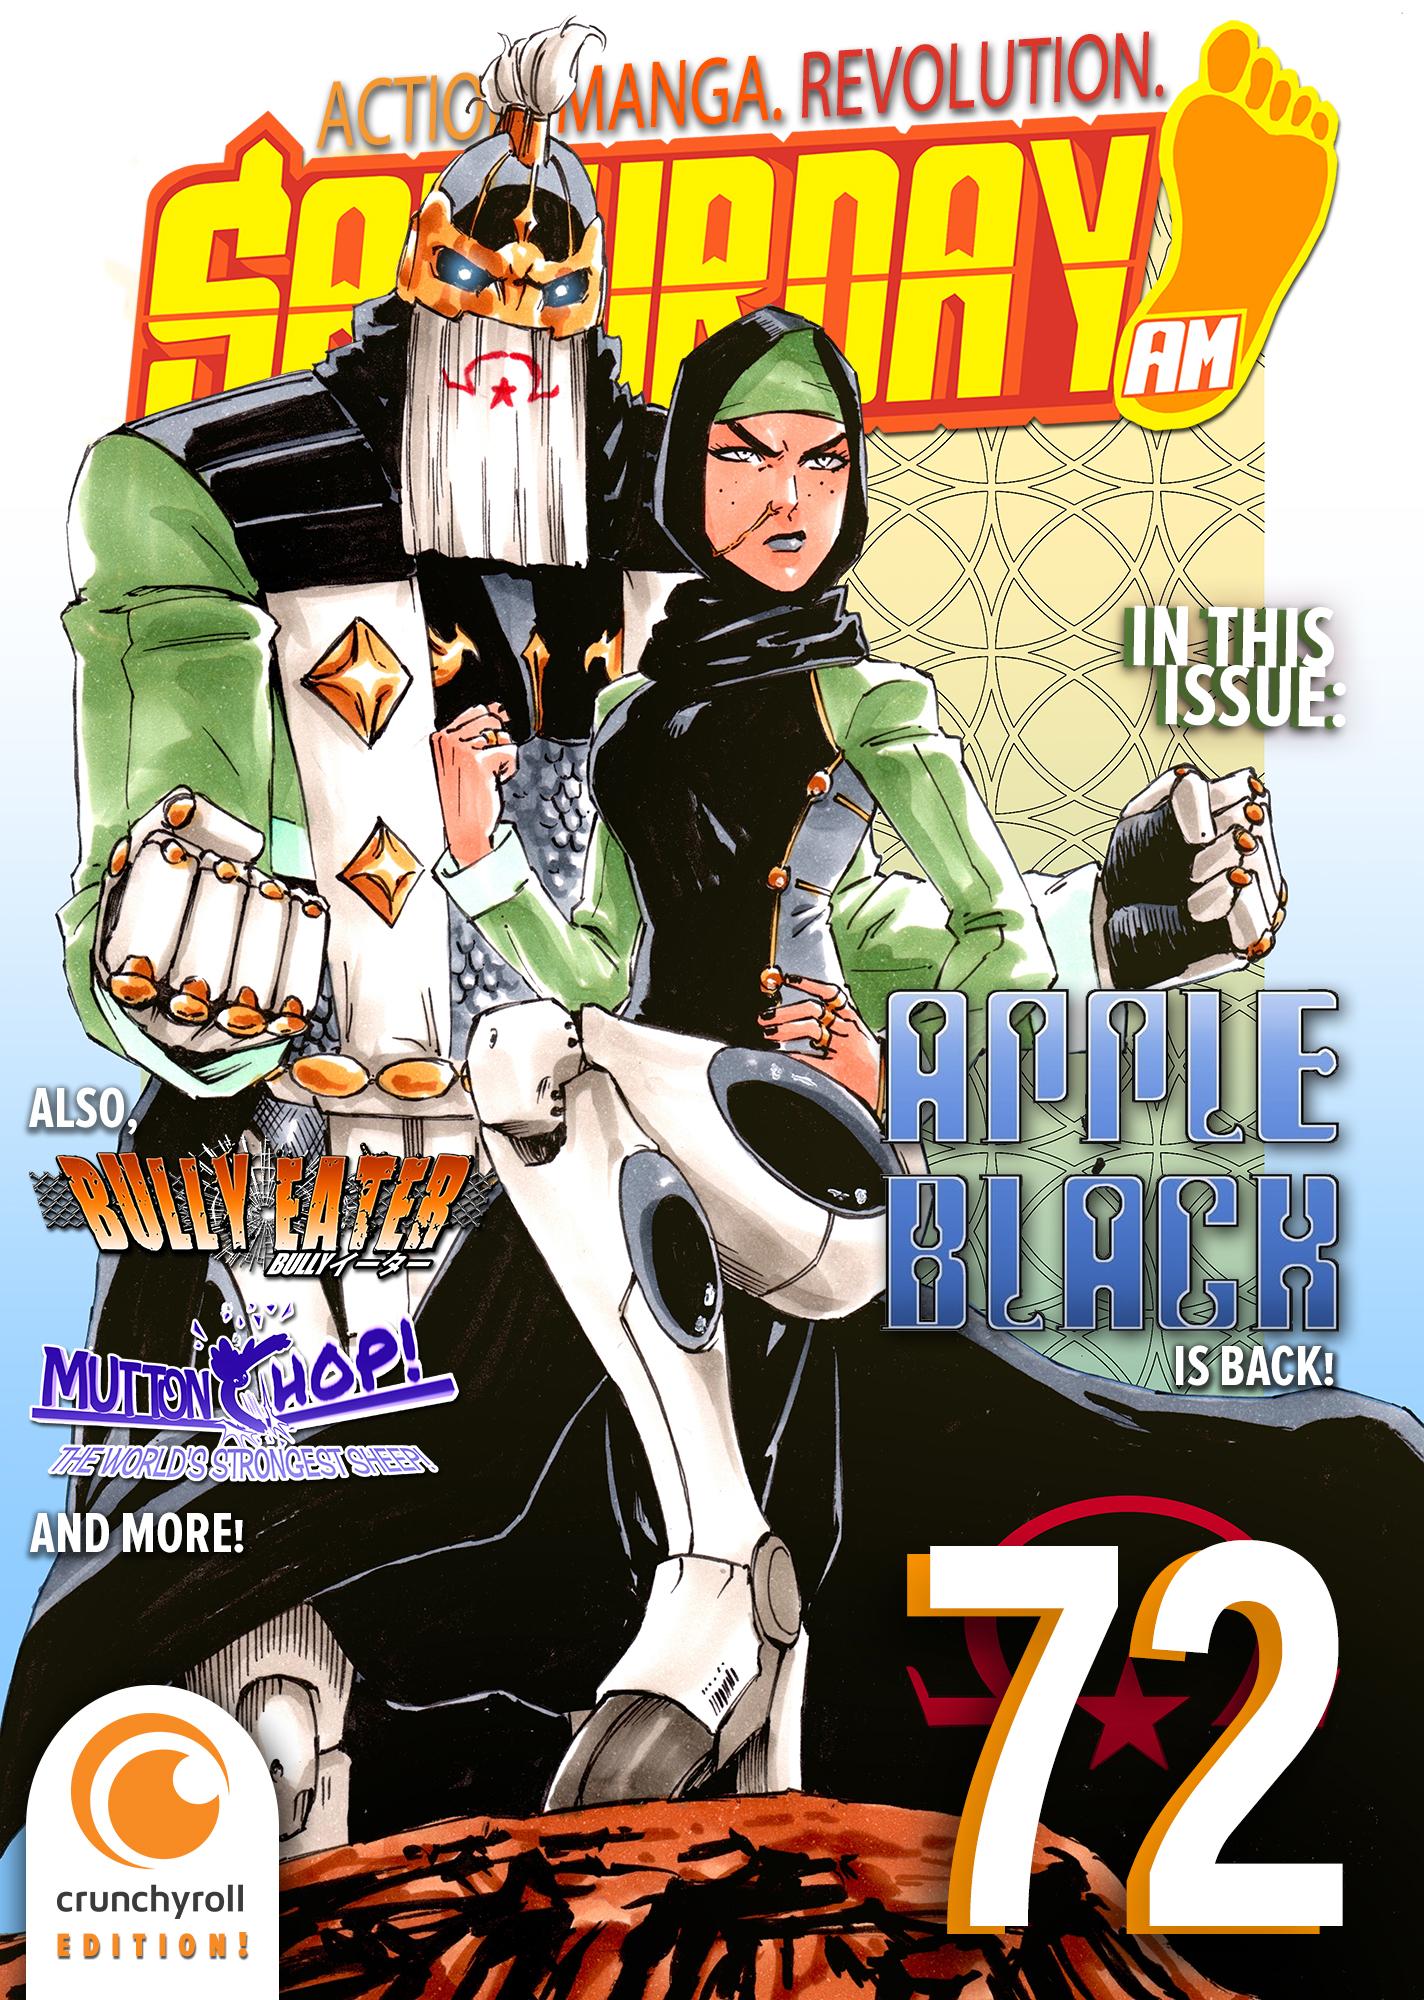 72 SATAM COVER.jpg